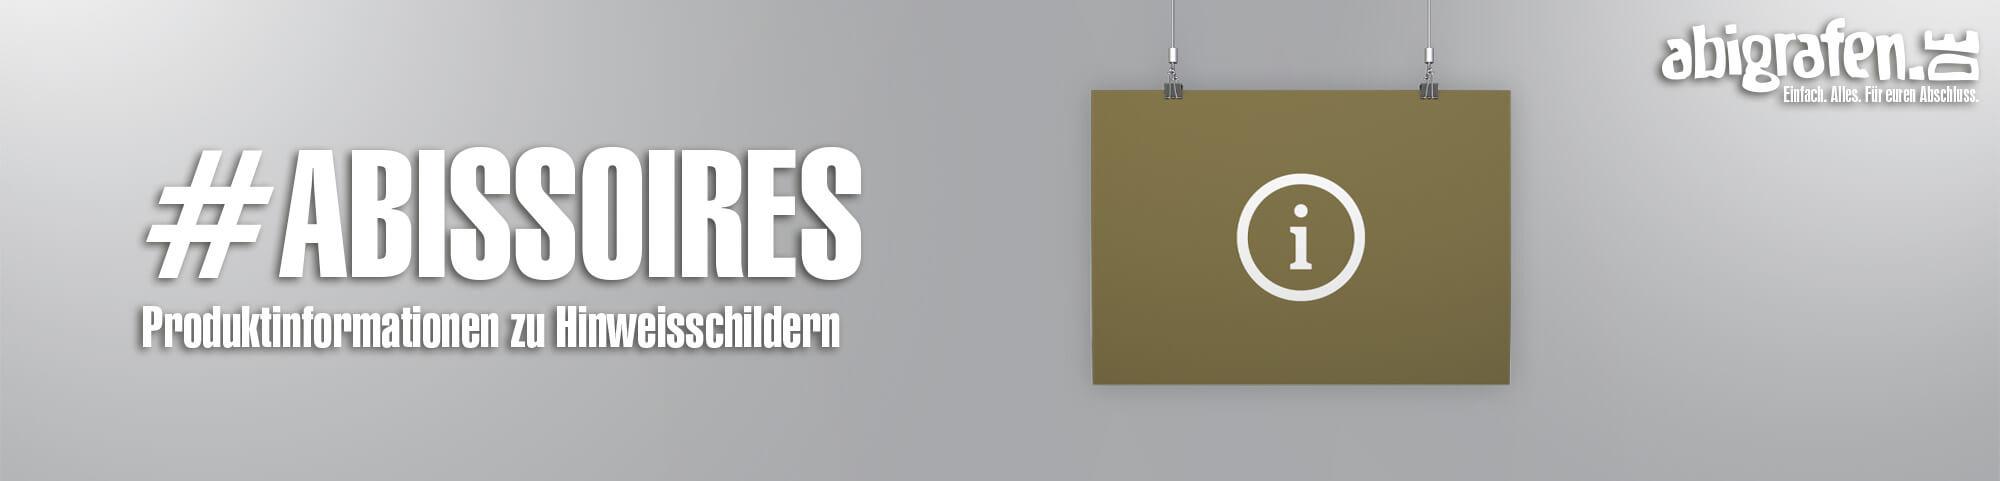 abigrafen-produktinformationen-hinweisschilder-wegweiser